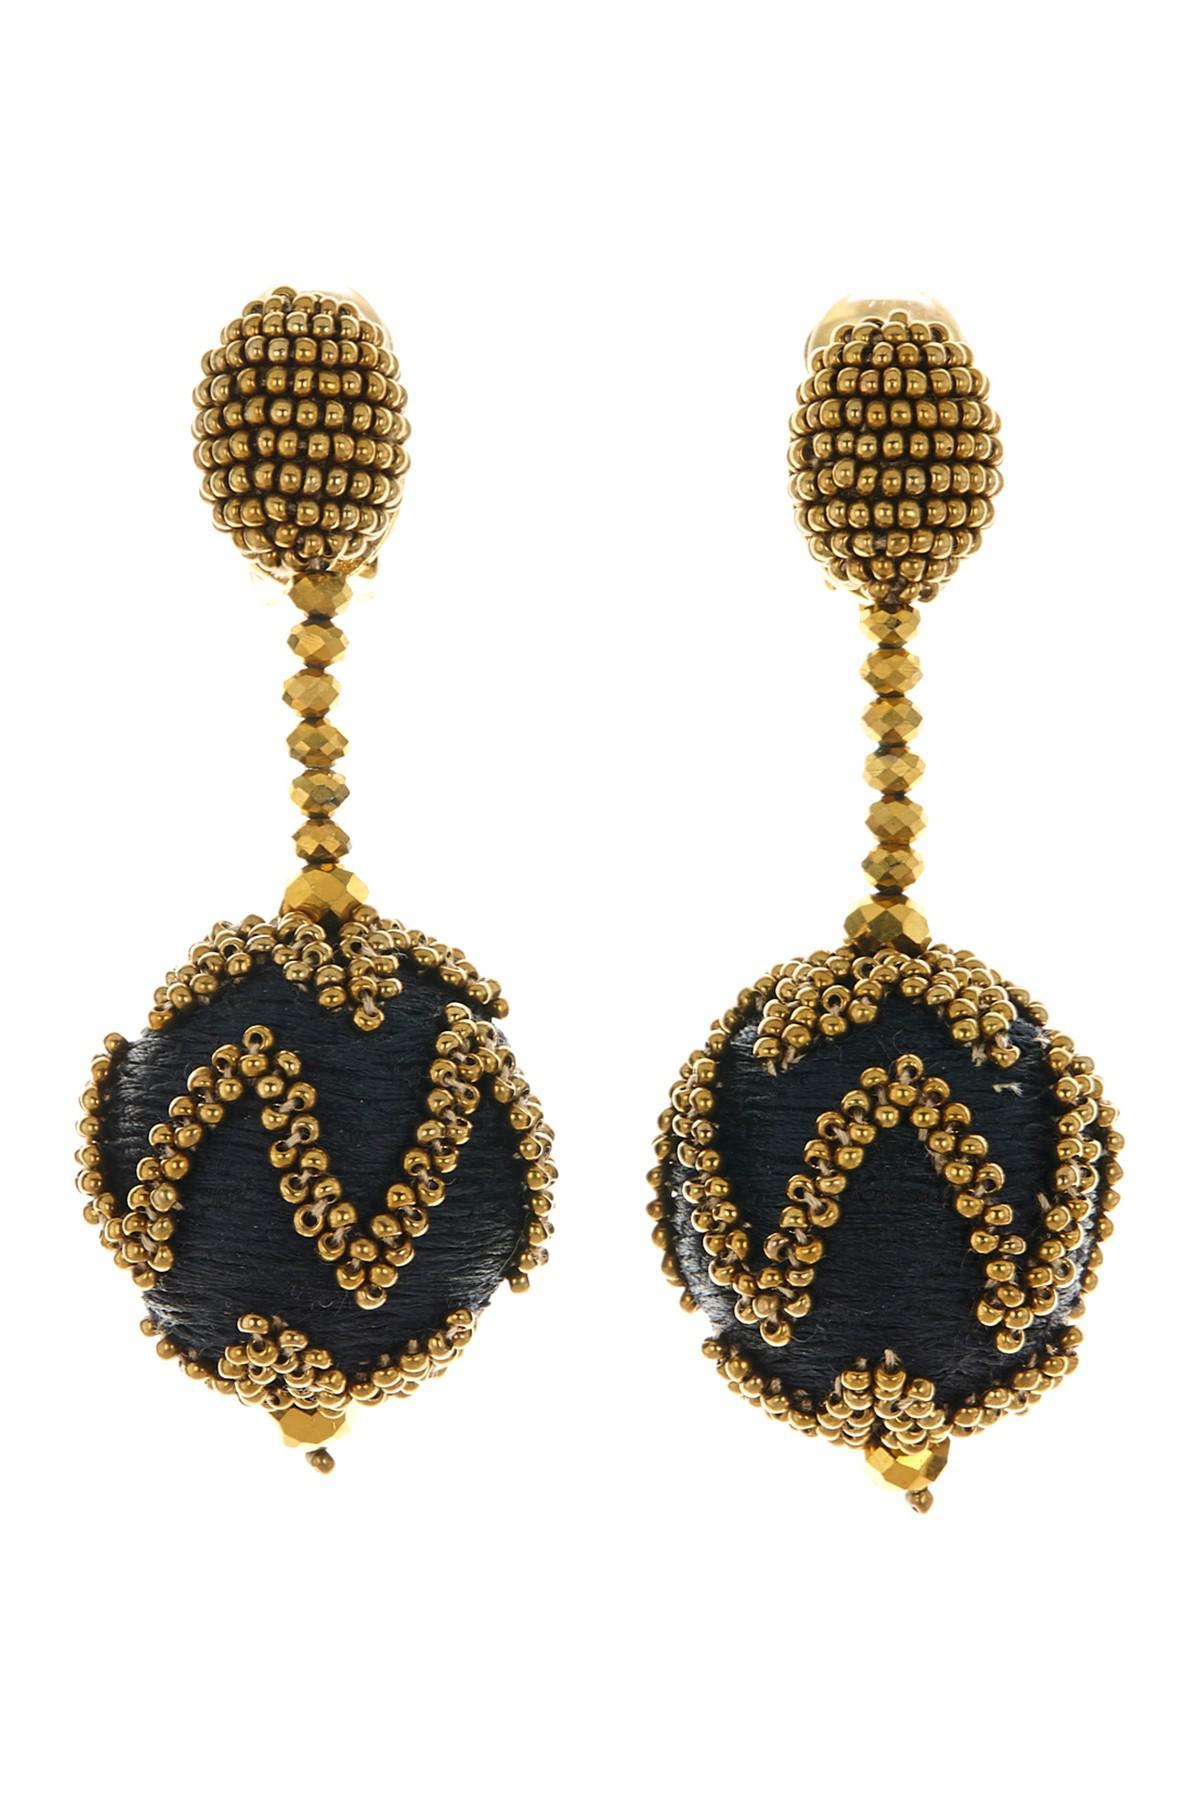 Oscar De La Renta Beaded Ball Tassel Clip-On Earrings 3Z3skfhIg